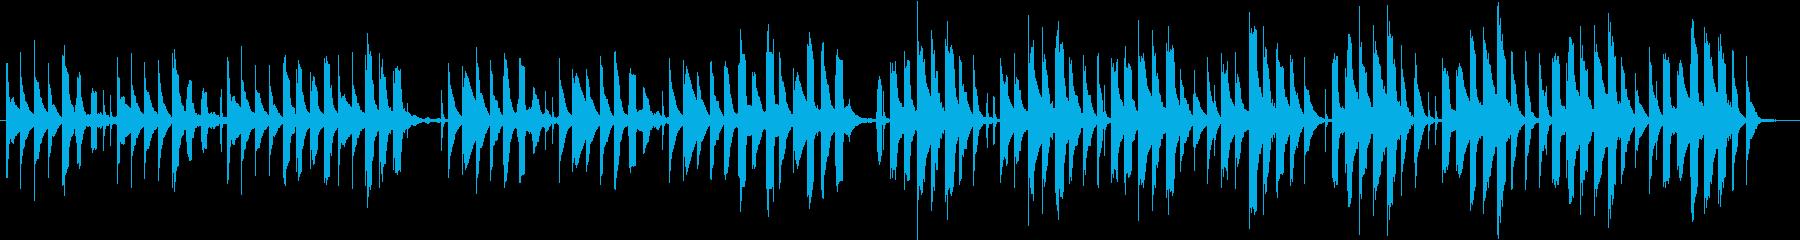 ほのぼのとした場面に使えるシンプルな曲の再生済みの波形